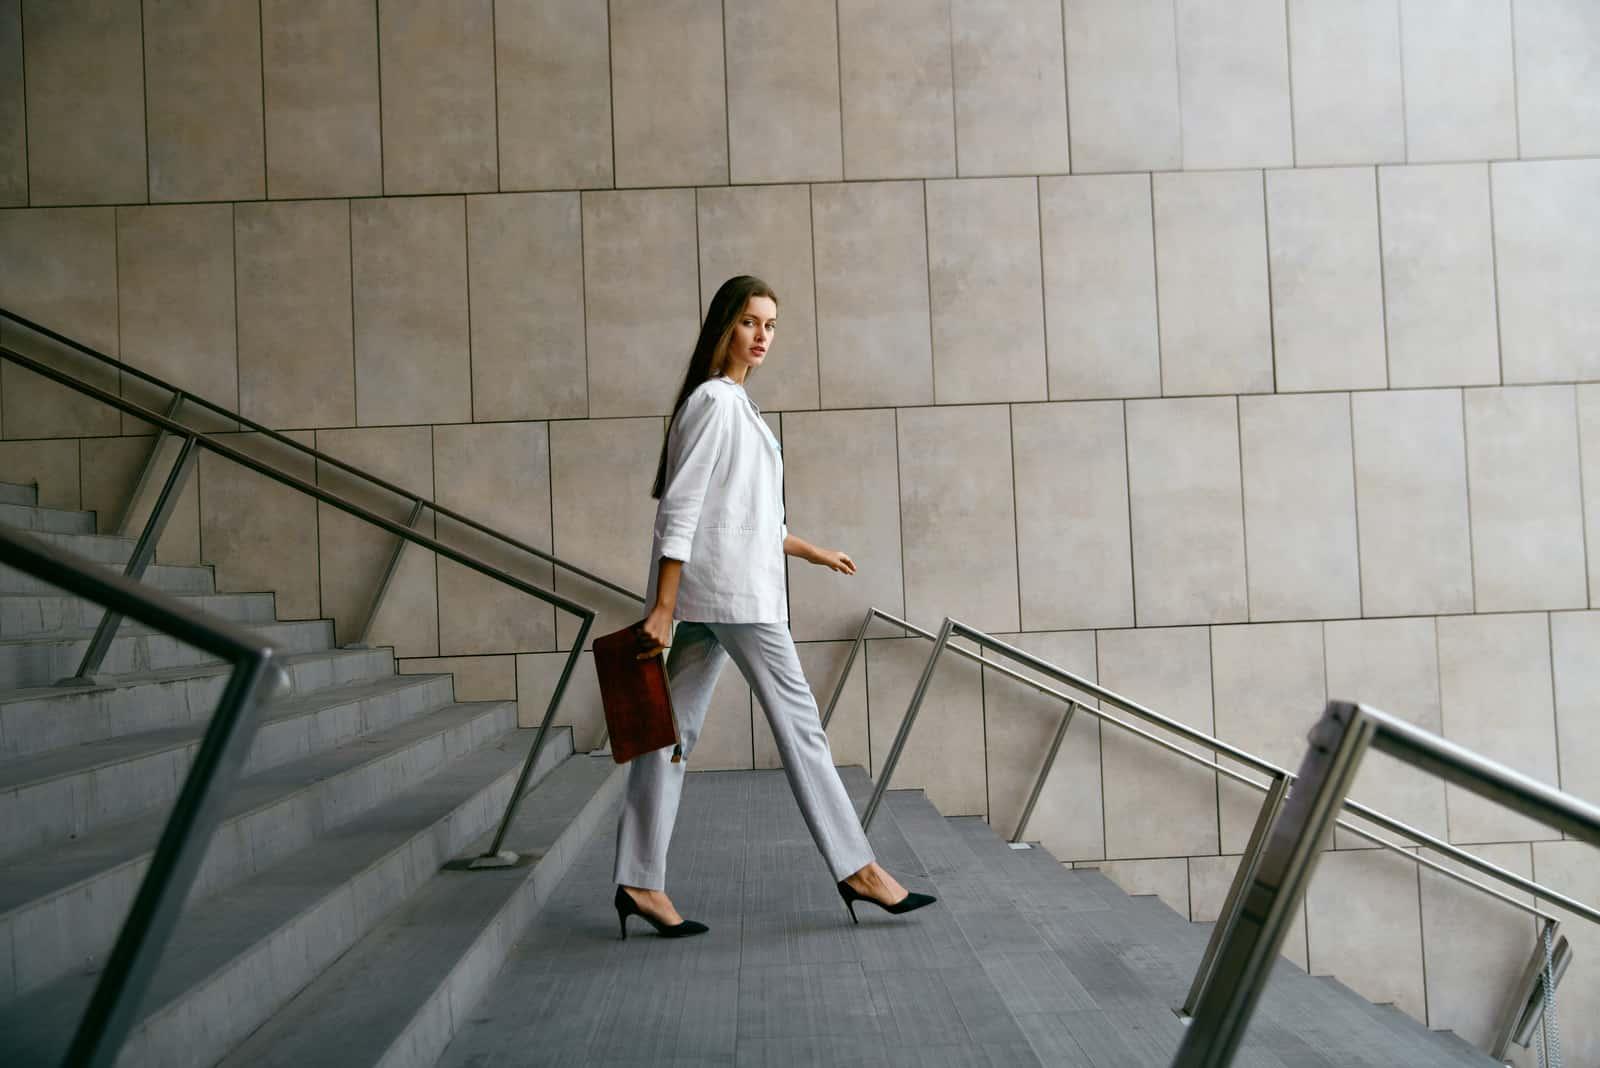 Frau geht nach unten zur Arbeit